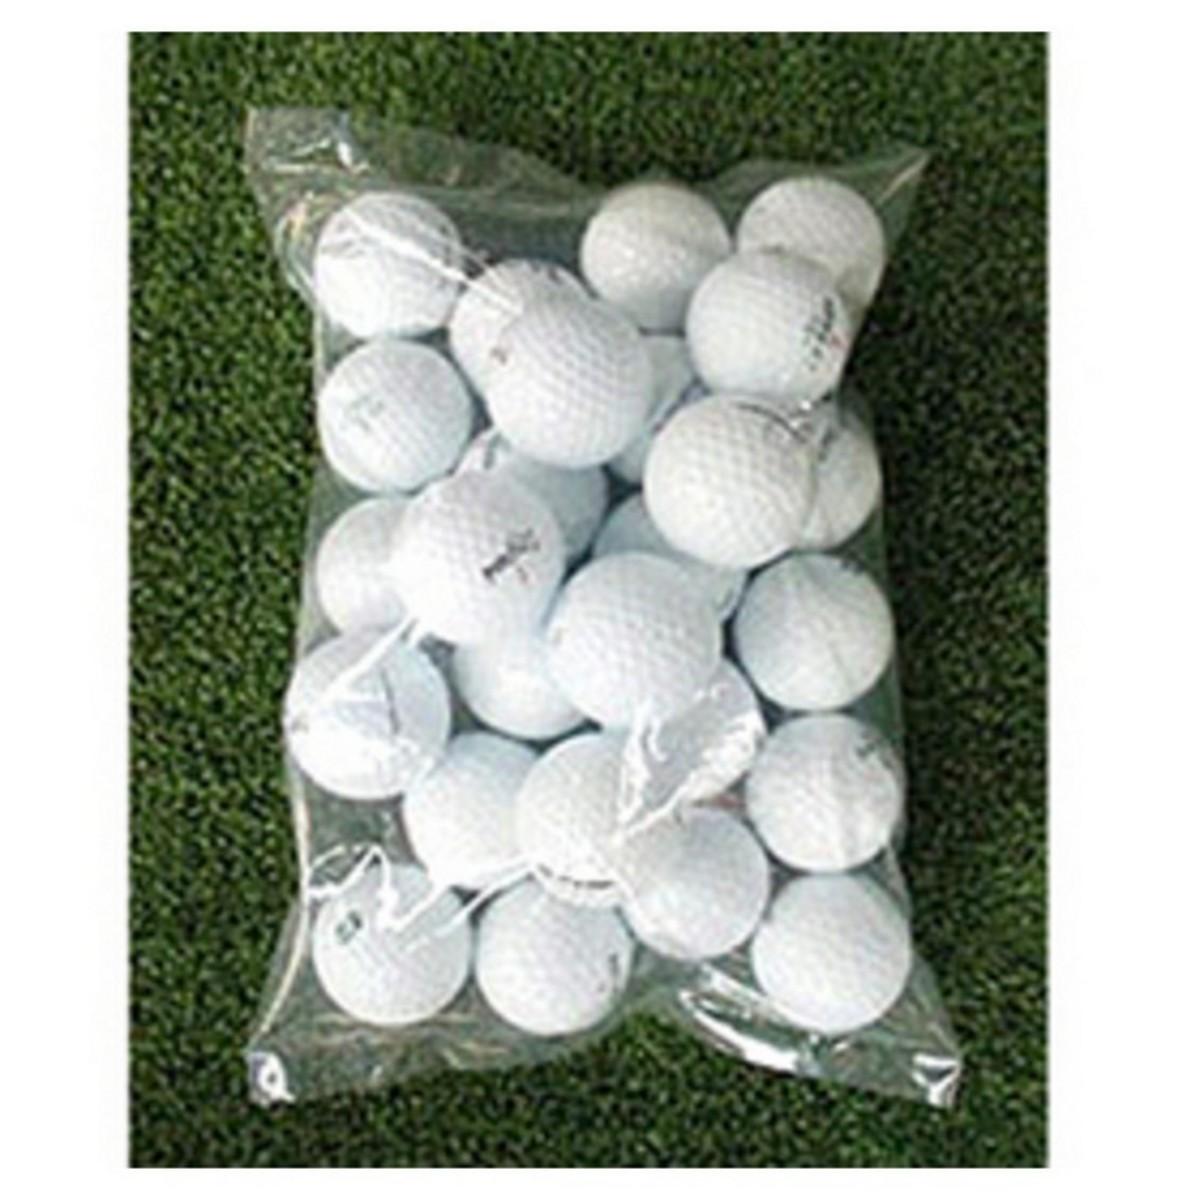 メイホウゴルフ ロストボール大袋25個入り4袋100個セット